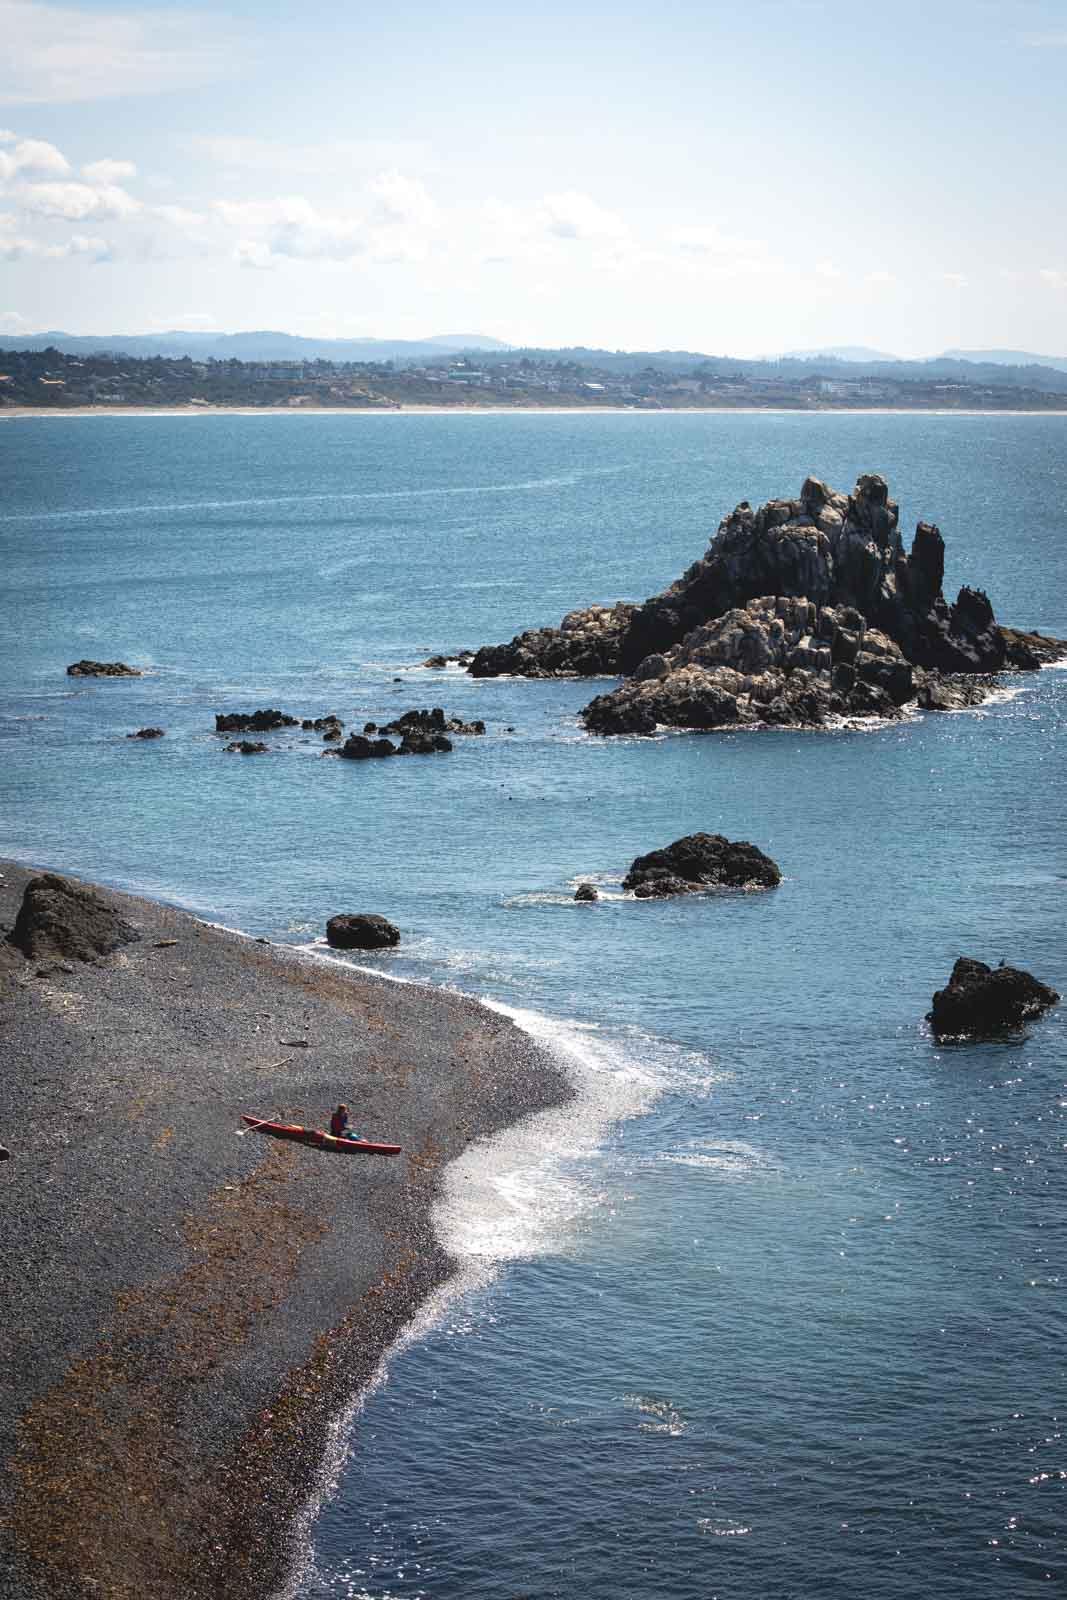 Kayaker on beach near Yaquina Head Oregon Lighthouse